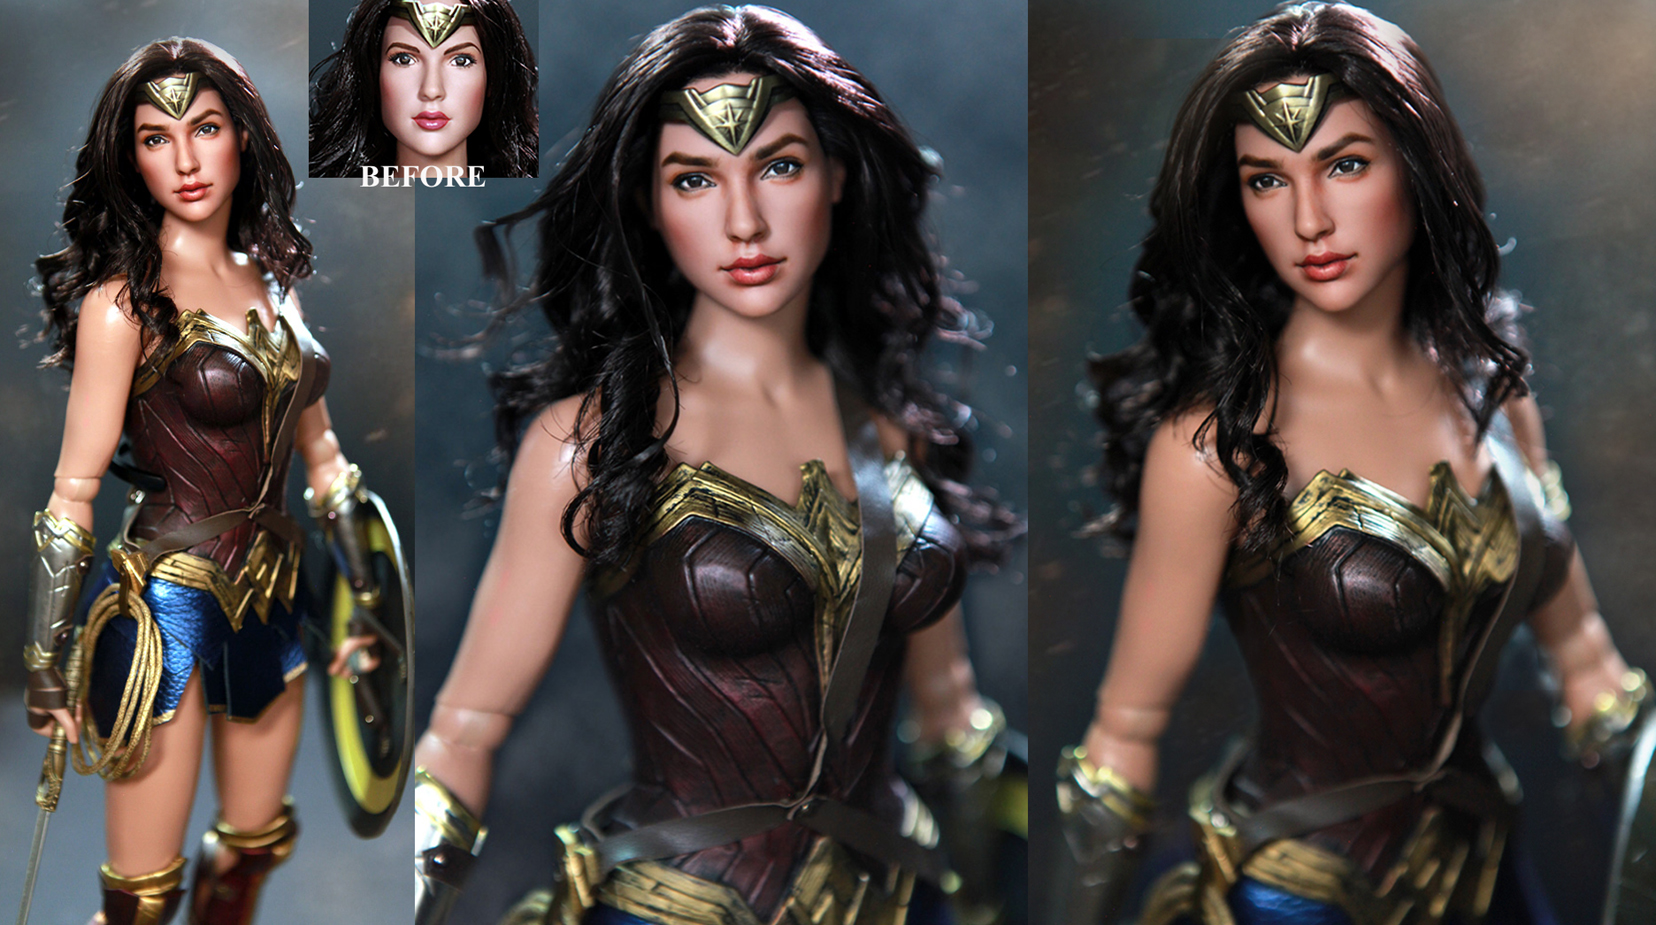 Tonner Wonder Woman Gal Gadot custom doll repaint